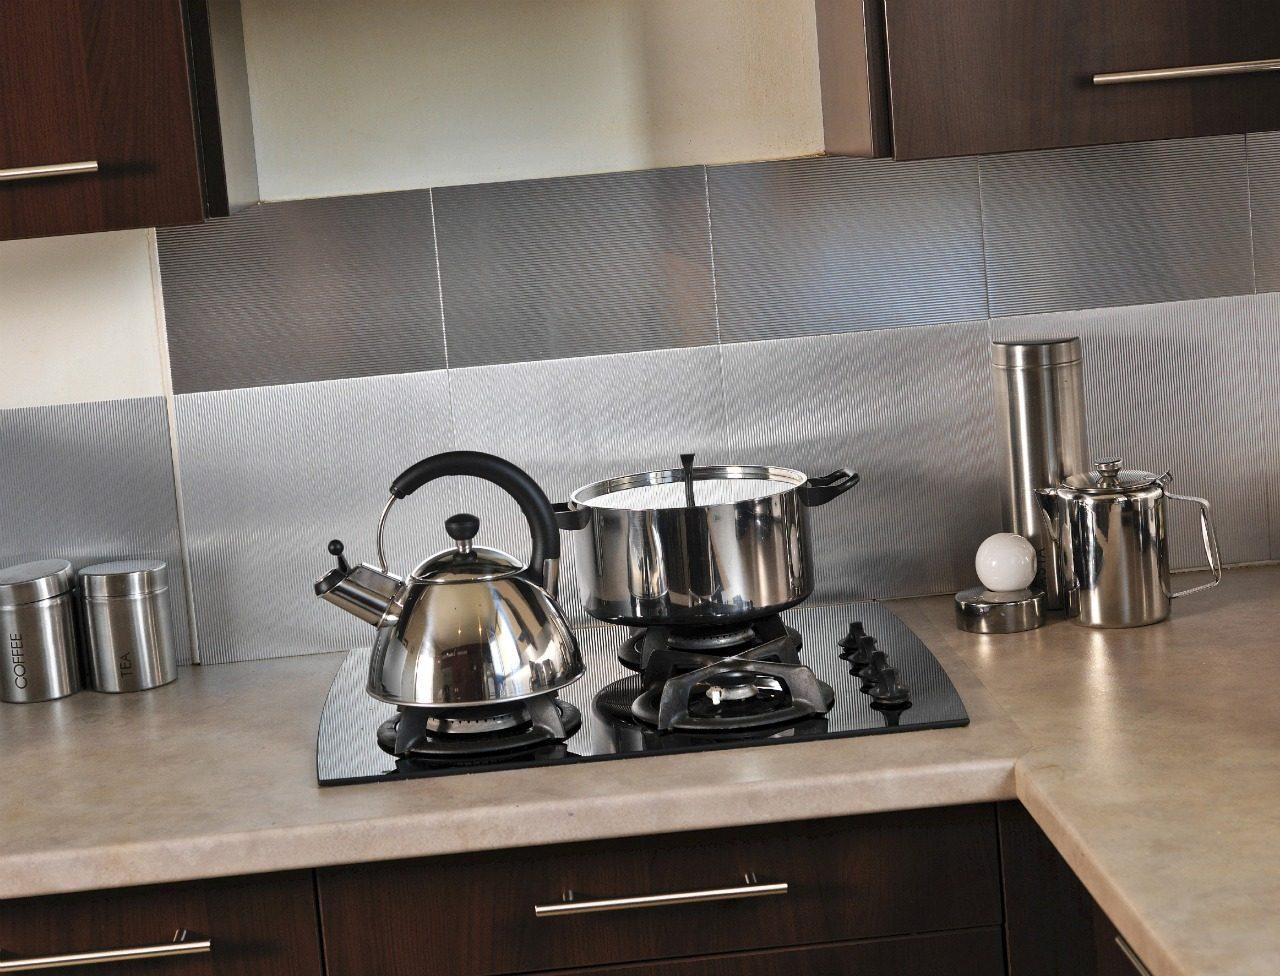 Galer a de im genes azulejos adhesivos para cocina - Fotos de azulejos de cocina ...